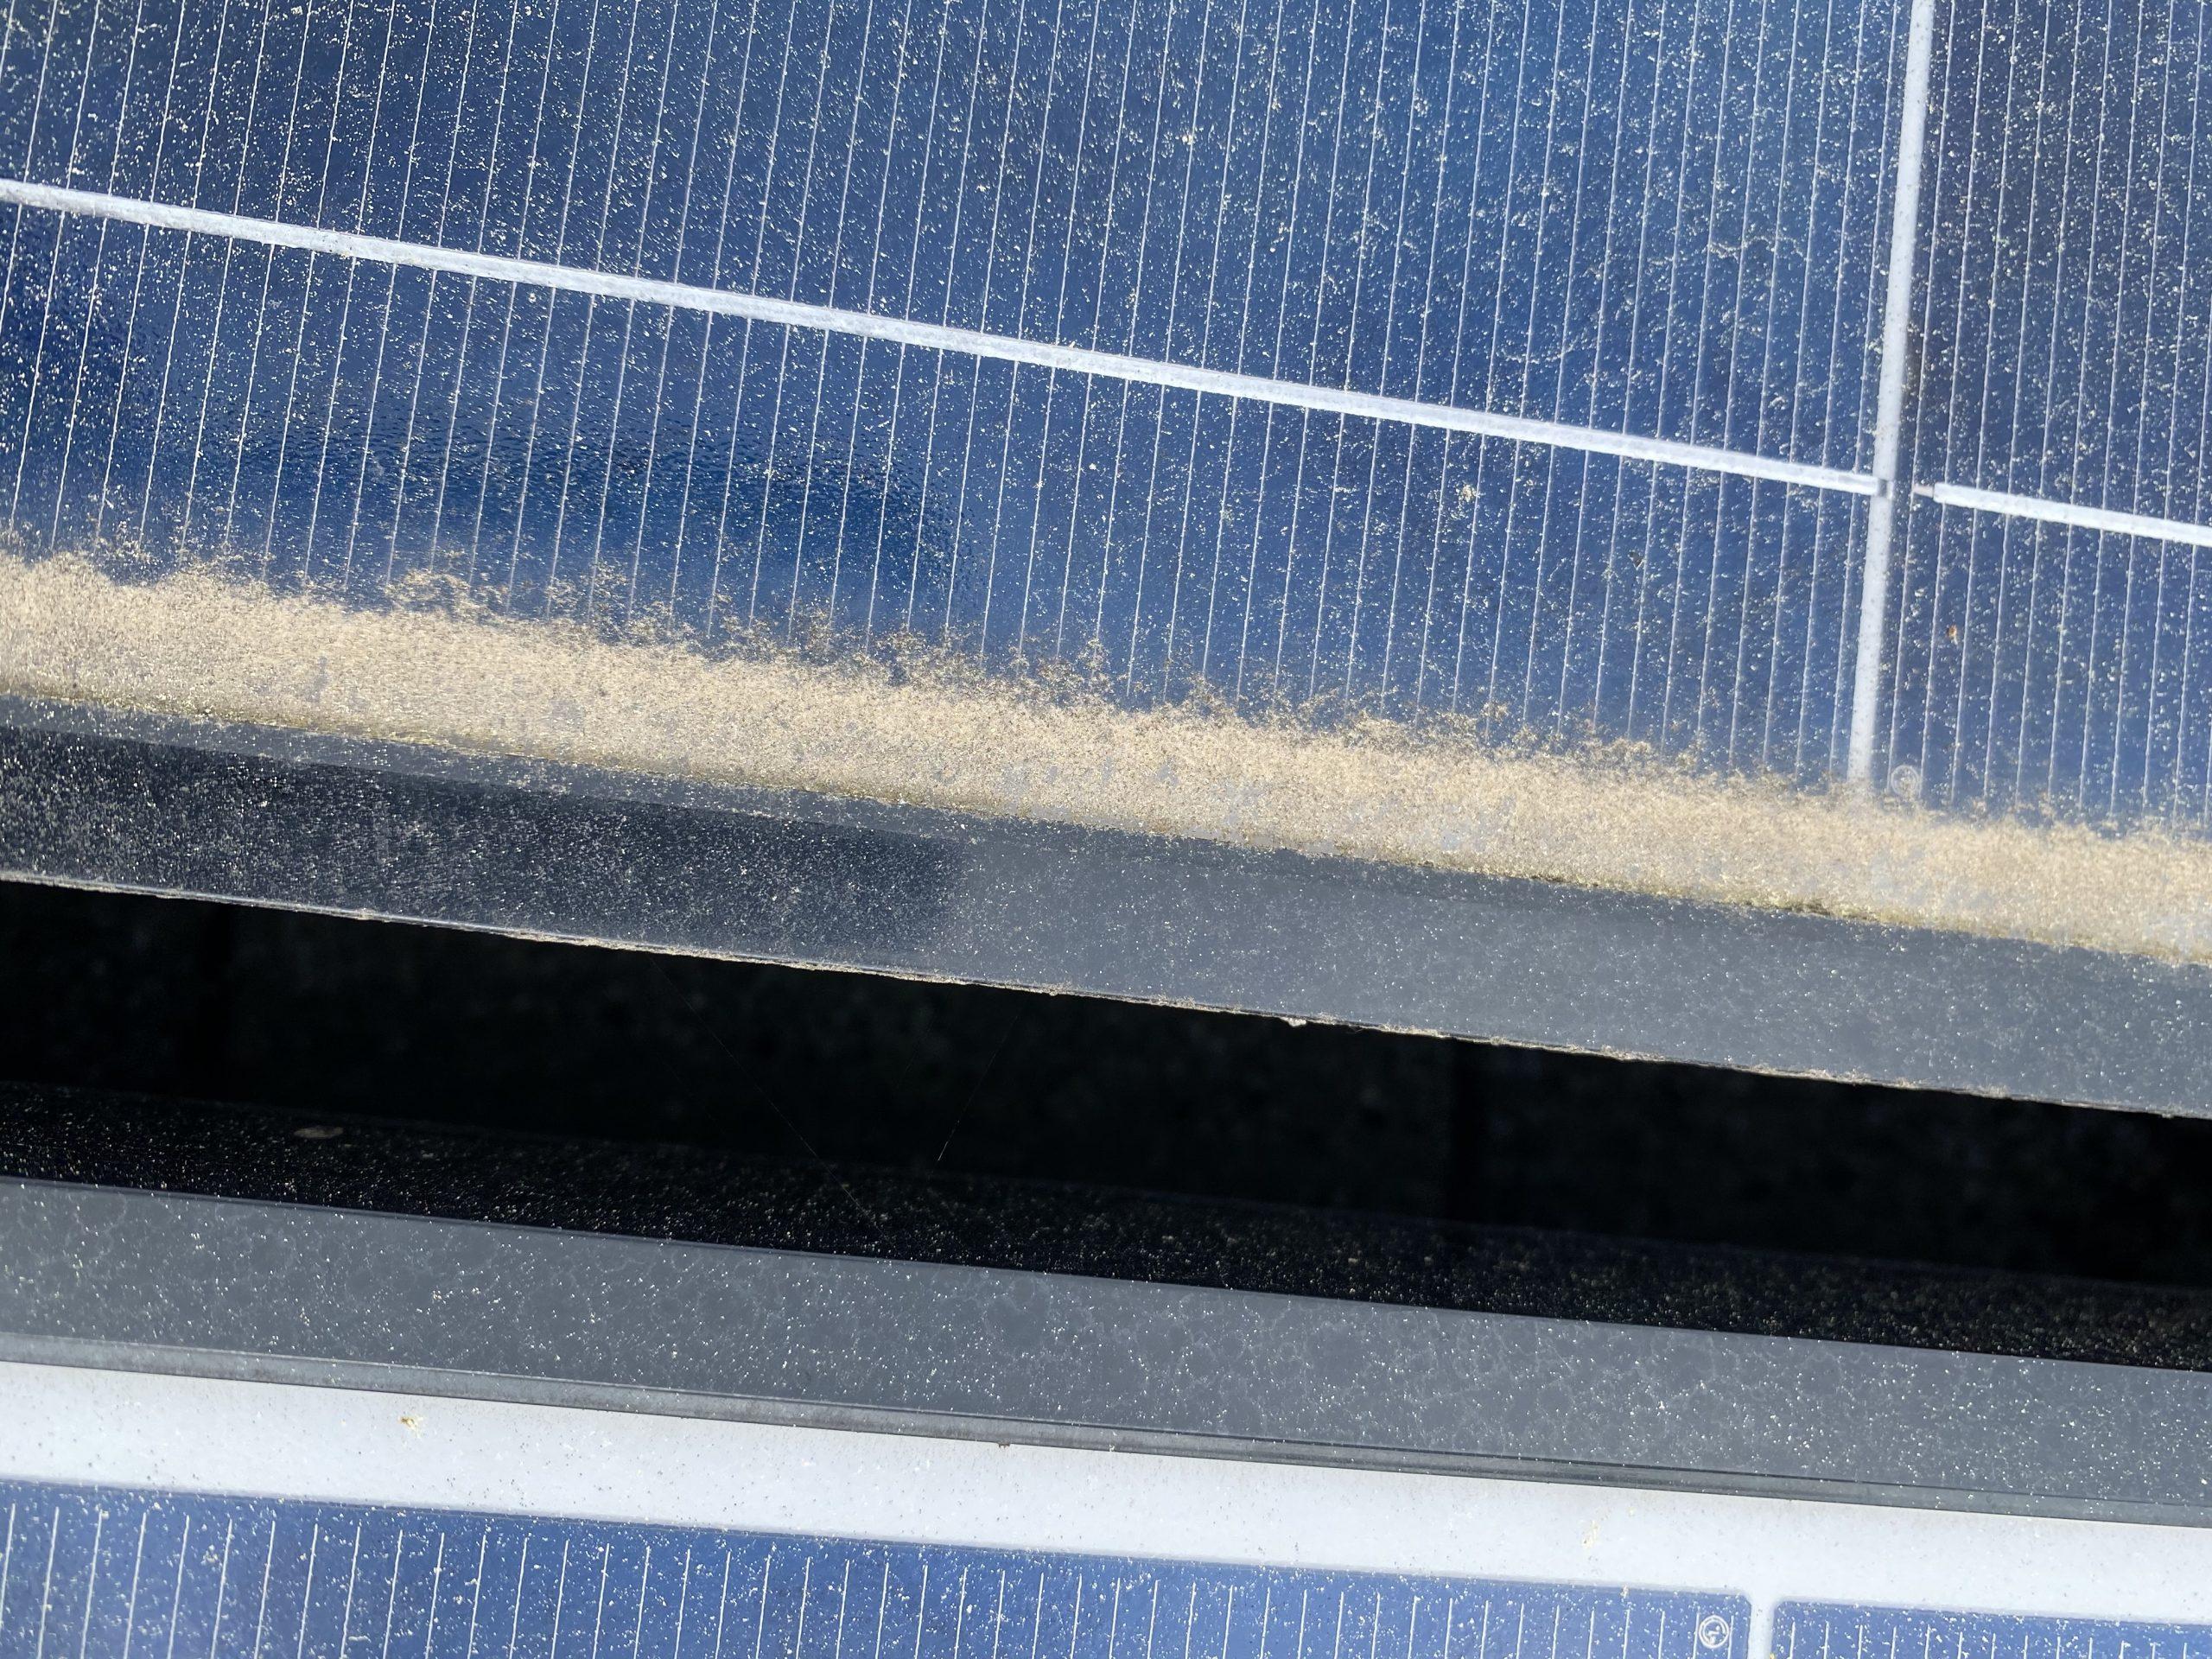 Verschmutzung der Rahmen machen eine Solarreinigung notwendig